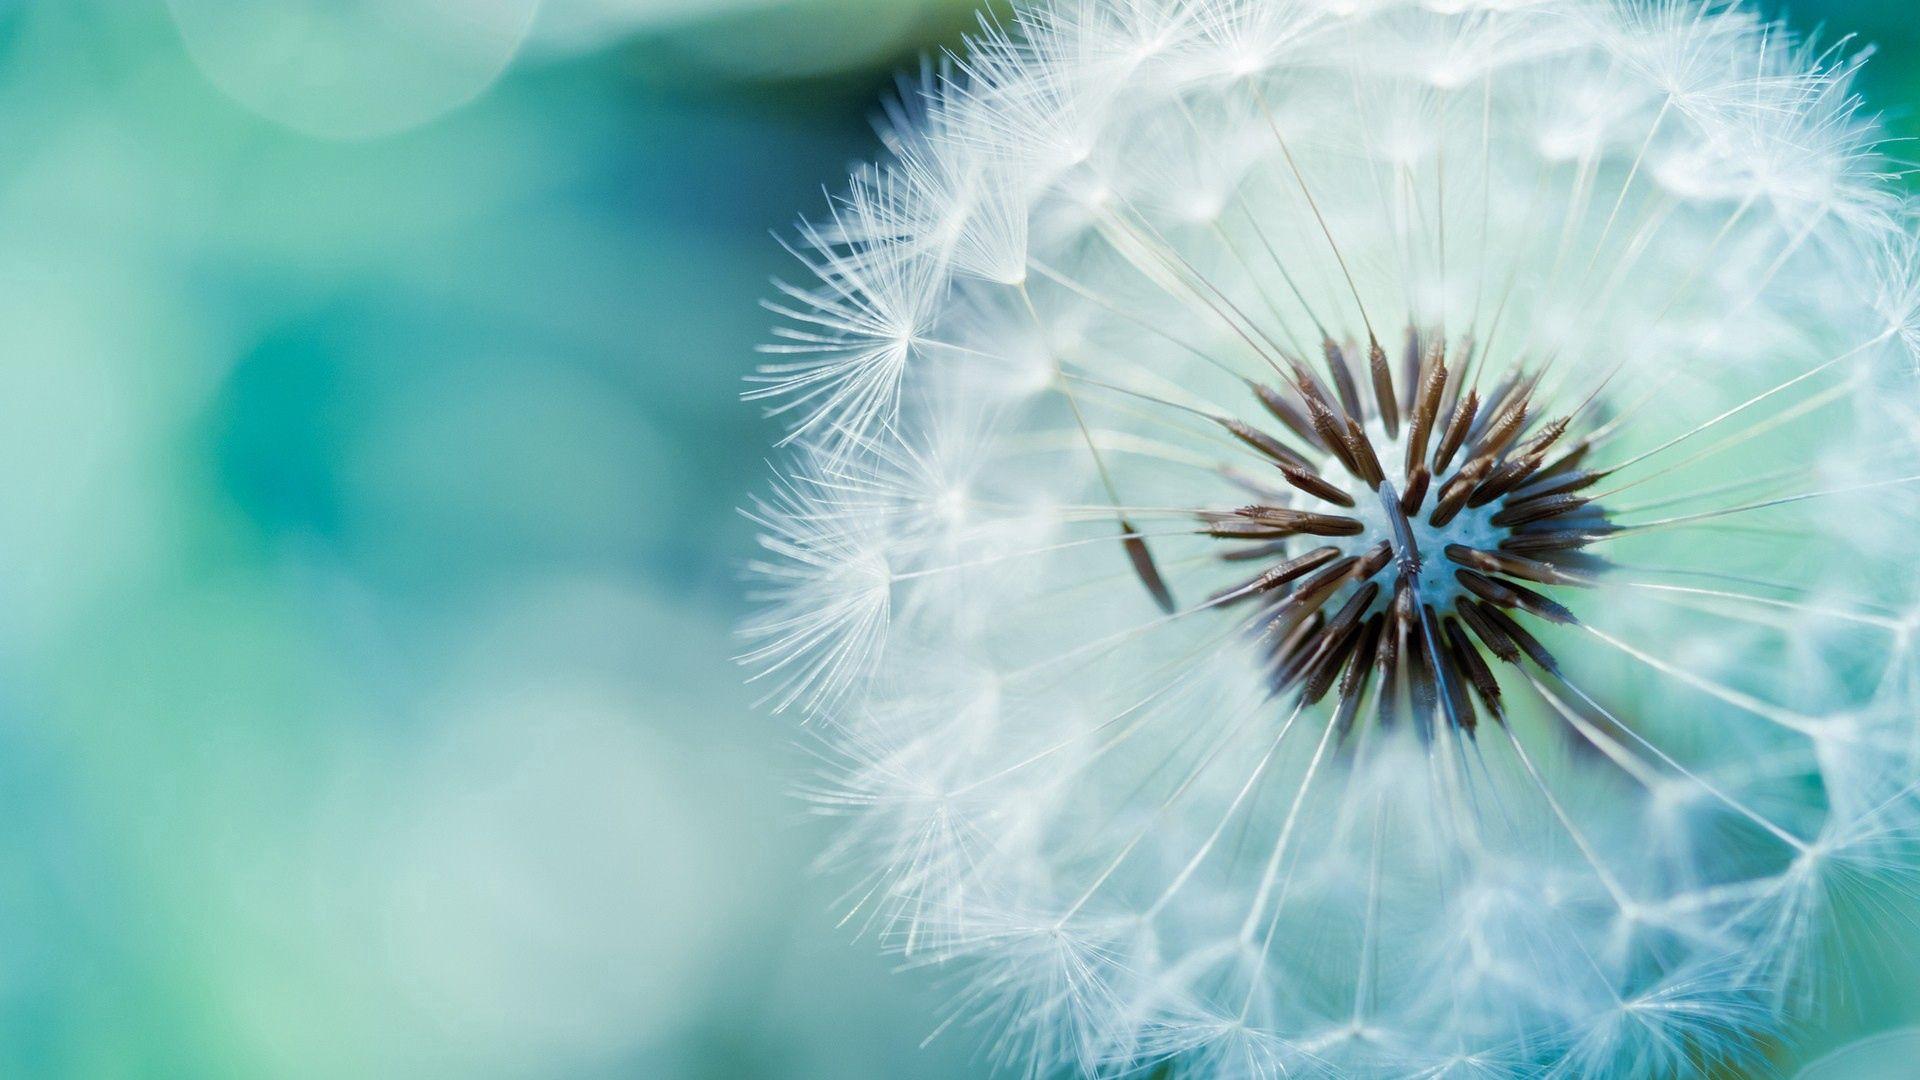 免費壁紙101307:宏, 蒲公英, 起毛, 小毛, 花, 花卉, 干, 茎 下載手機圖片